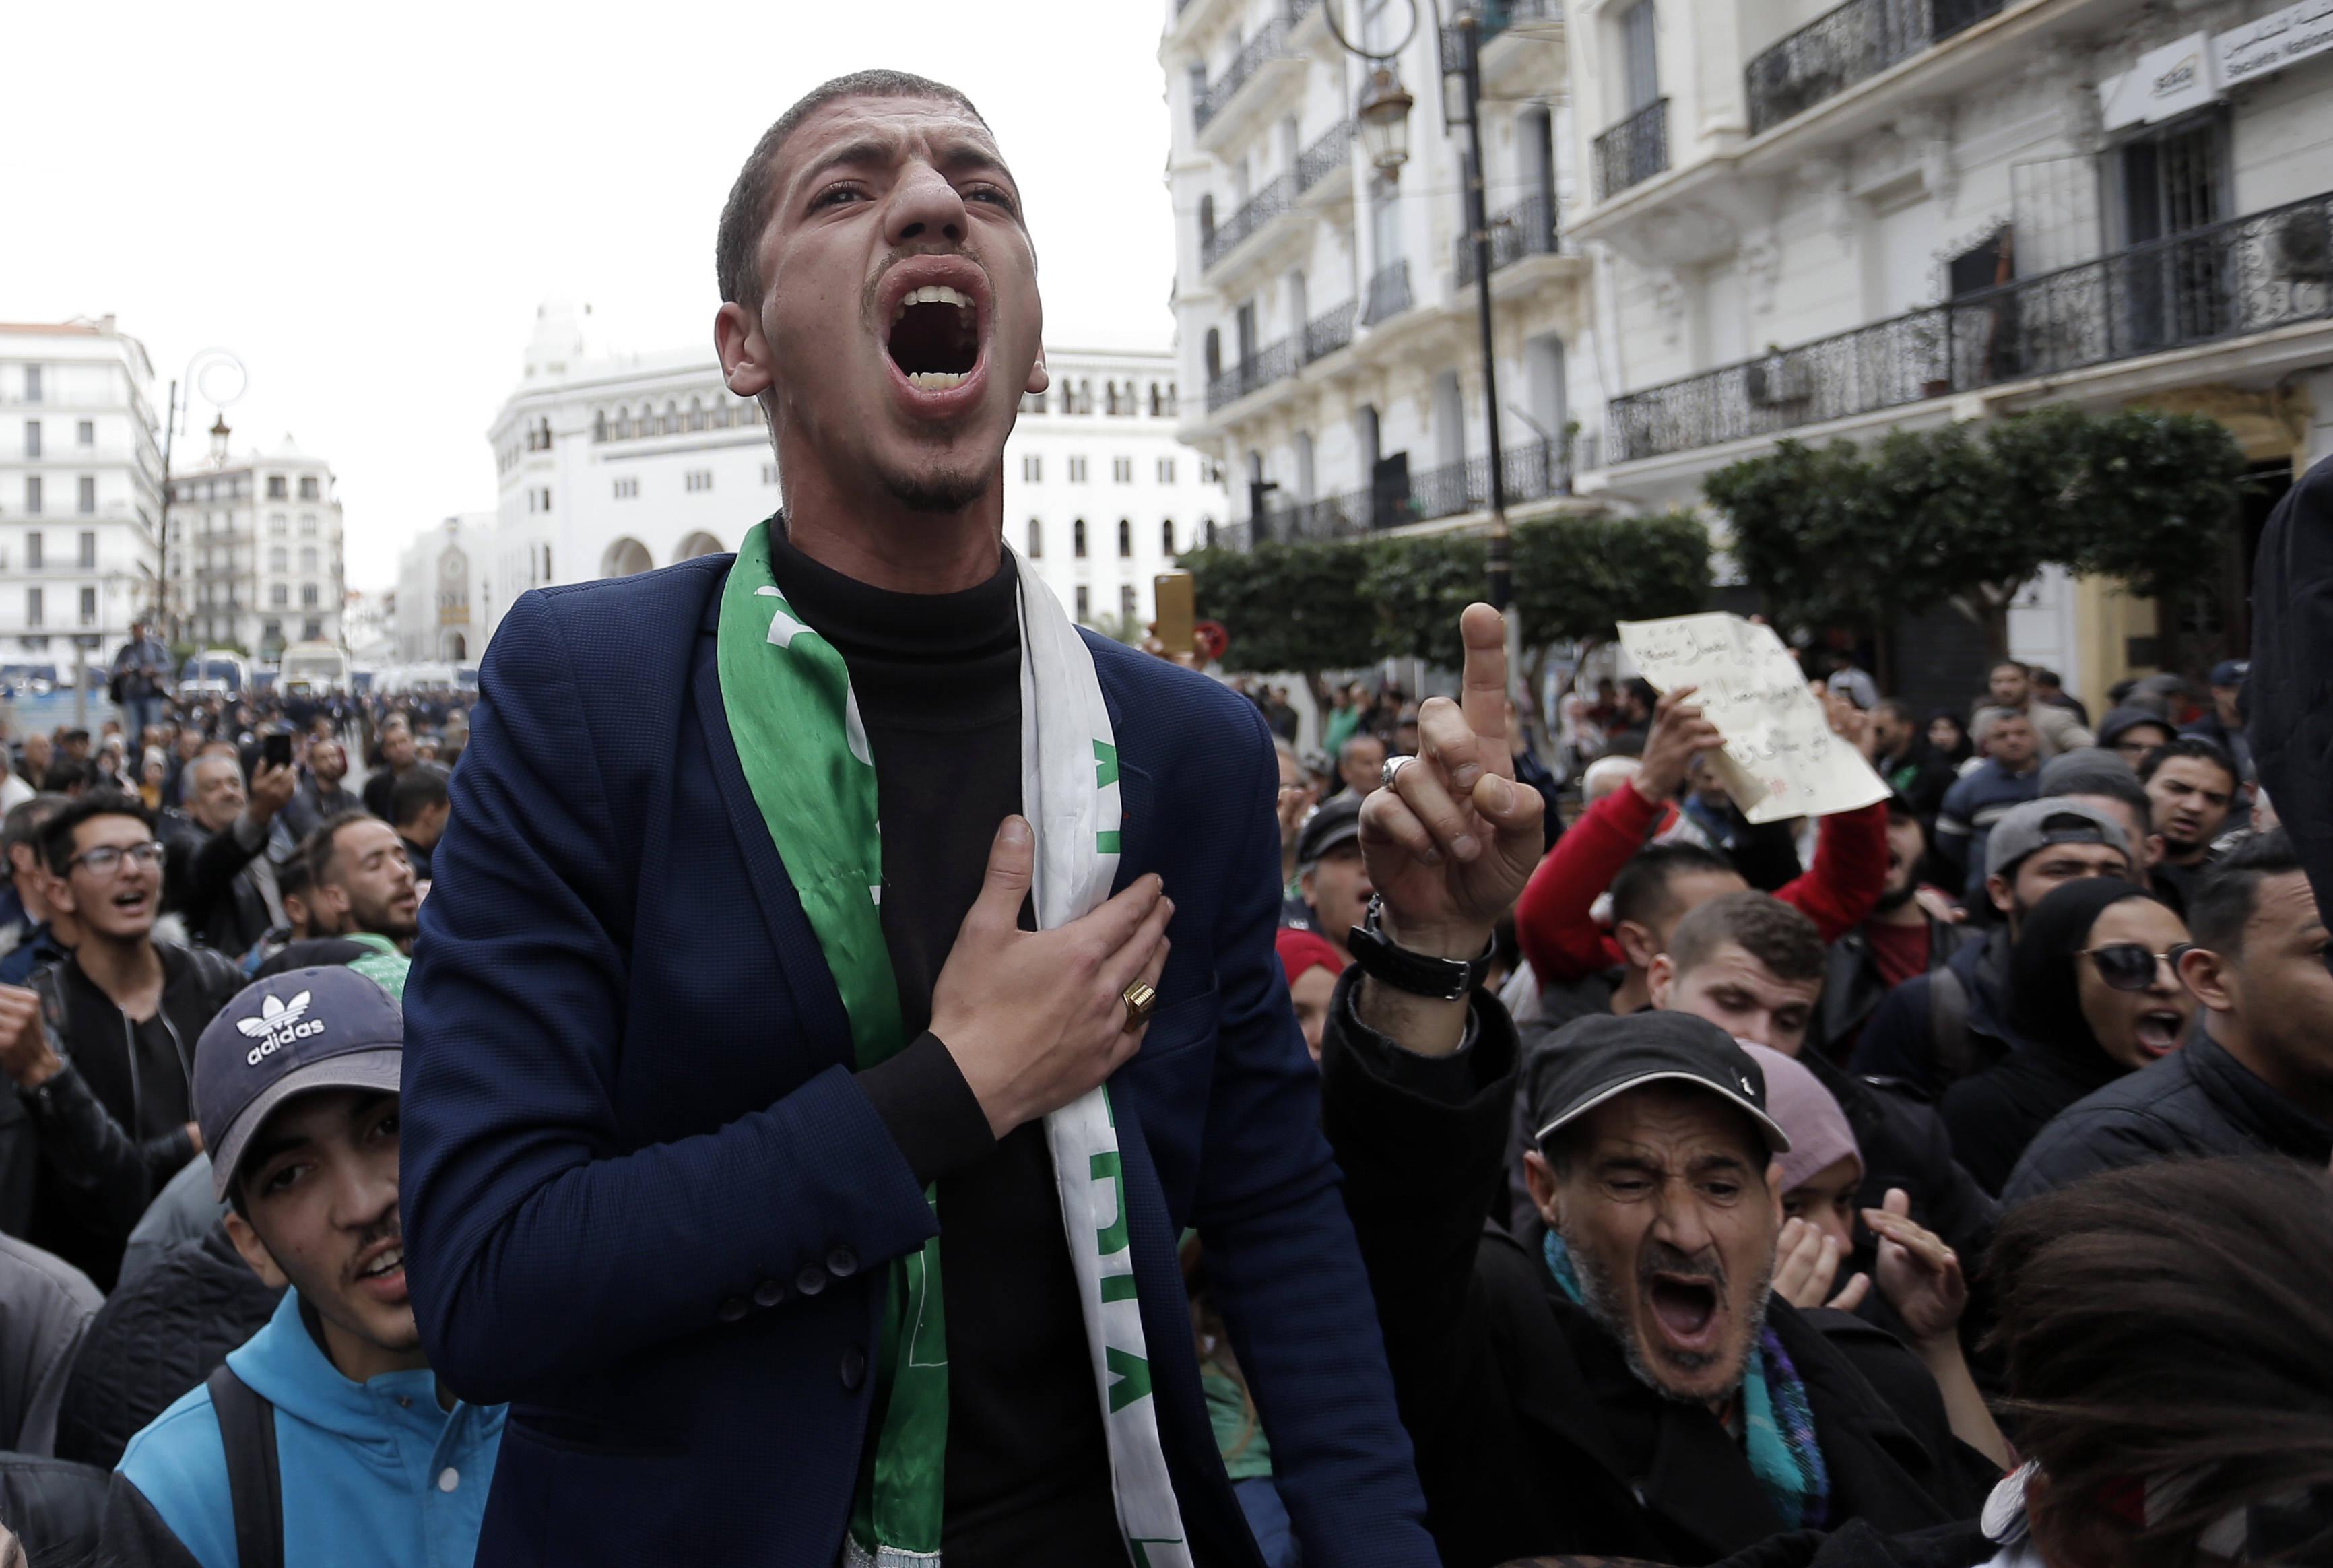 Un étudiant lors d'une manifestation à Alger, mardi 17 décembre 2019 (image d'illustration).